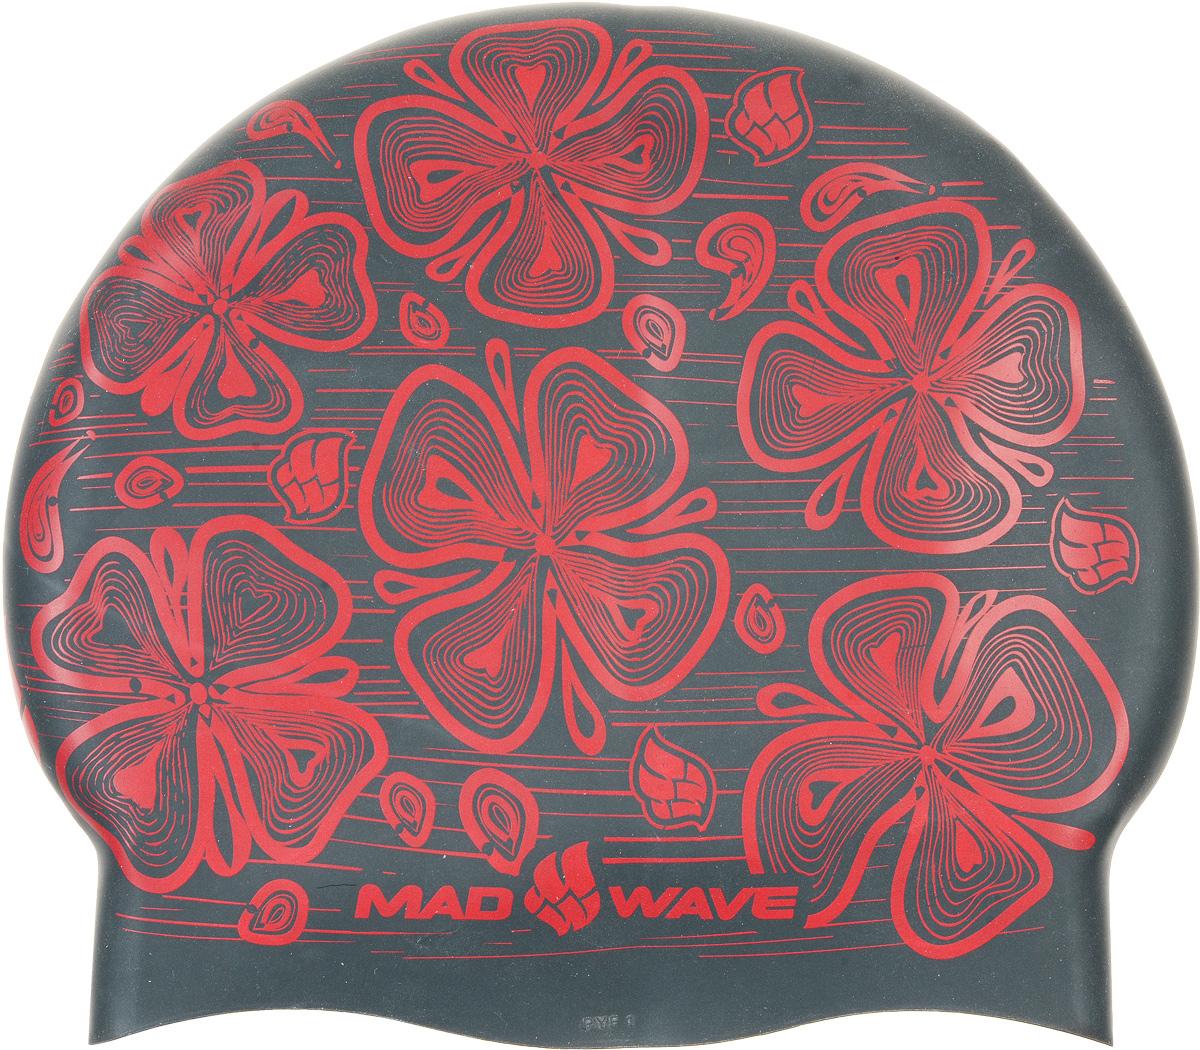 Шапочка для плавания MadWave Reverse Flora, силиконовая, двусторонняя, цвет: черный, серыйTS V-31 WMadWave Reverse Flora - 3D двусторонняя силиконовая шапочка. Мягкий прочный силикон обеспечивает идеальную подгонку и комфорт. Материал шапочки не вызывает раздражения, что гарантирует безопасность использования шапочки. Силикон не пропускает воду и приятен на ощупь. Характеристики: Материал: силикон. Размер шапочки: 22 см x 19 см. Производитель: Китай.Артикул: M0552 08 0 01W.